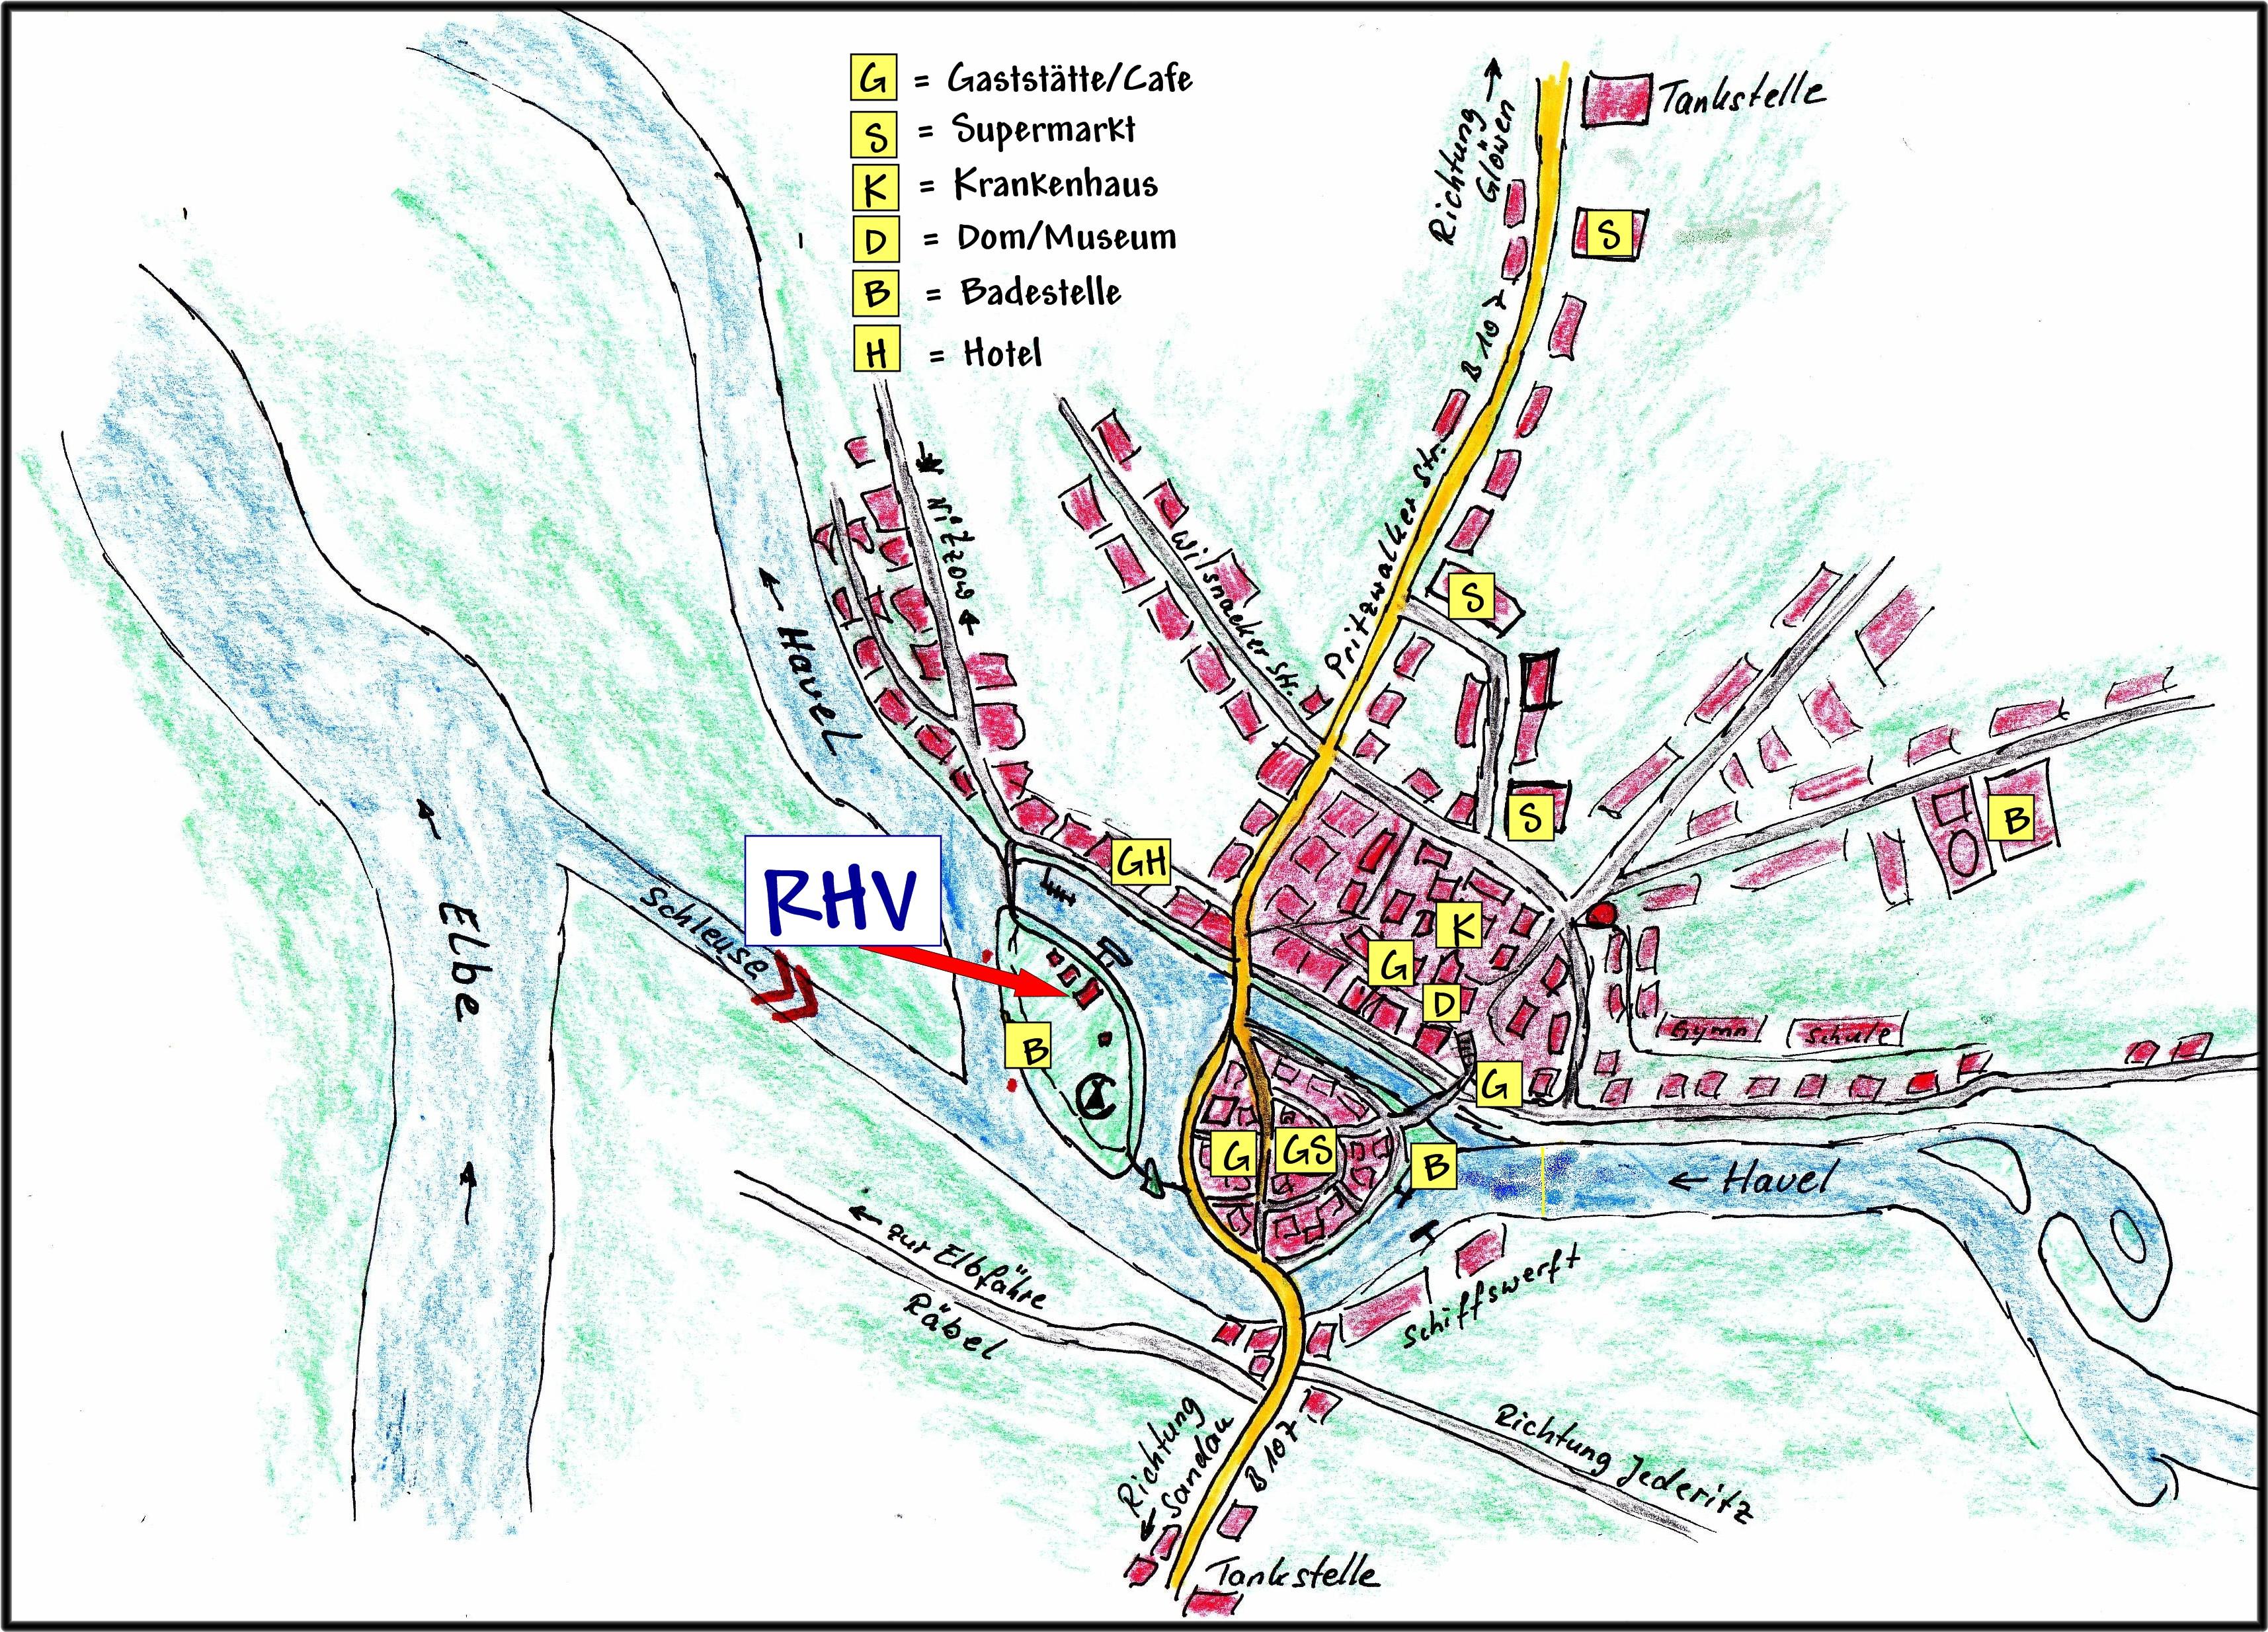 Stadtplan HVfertig1.jpg